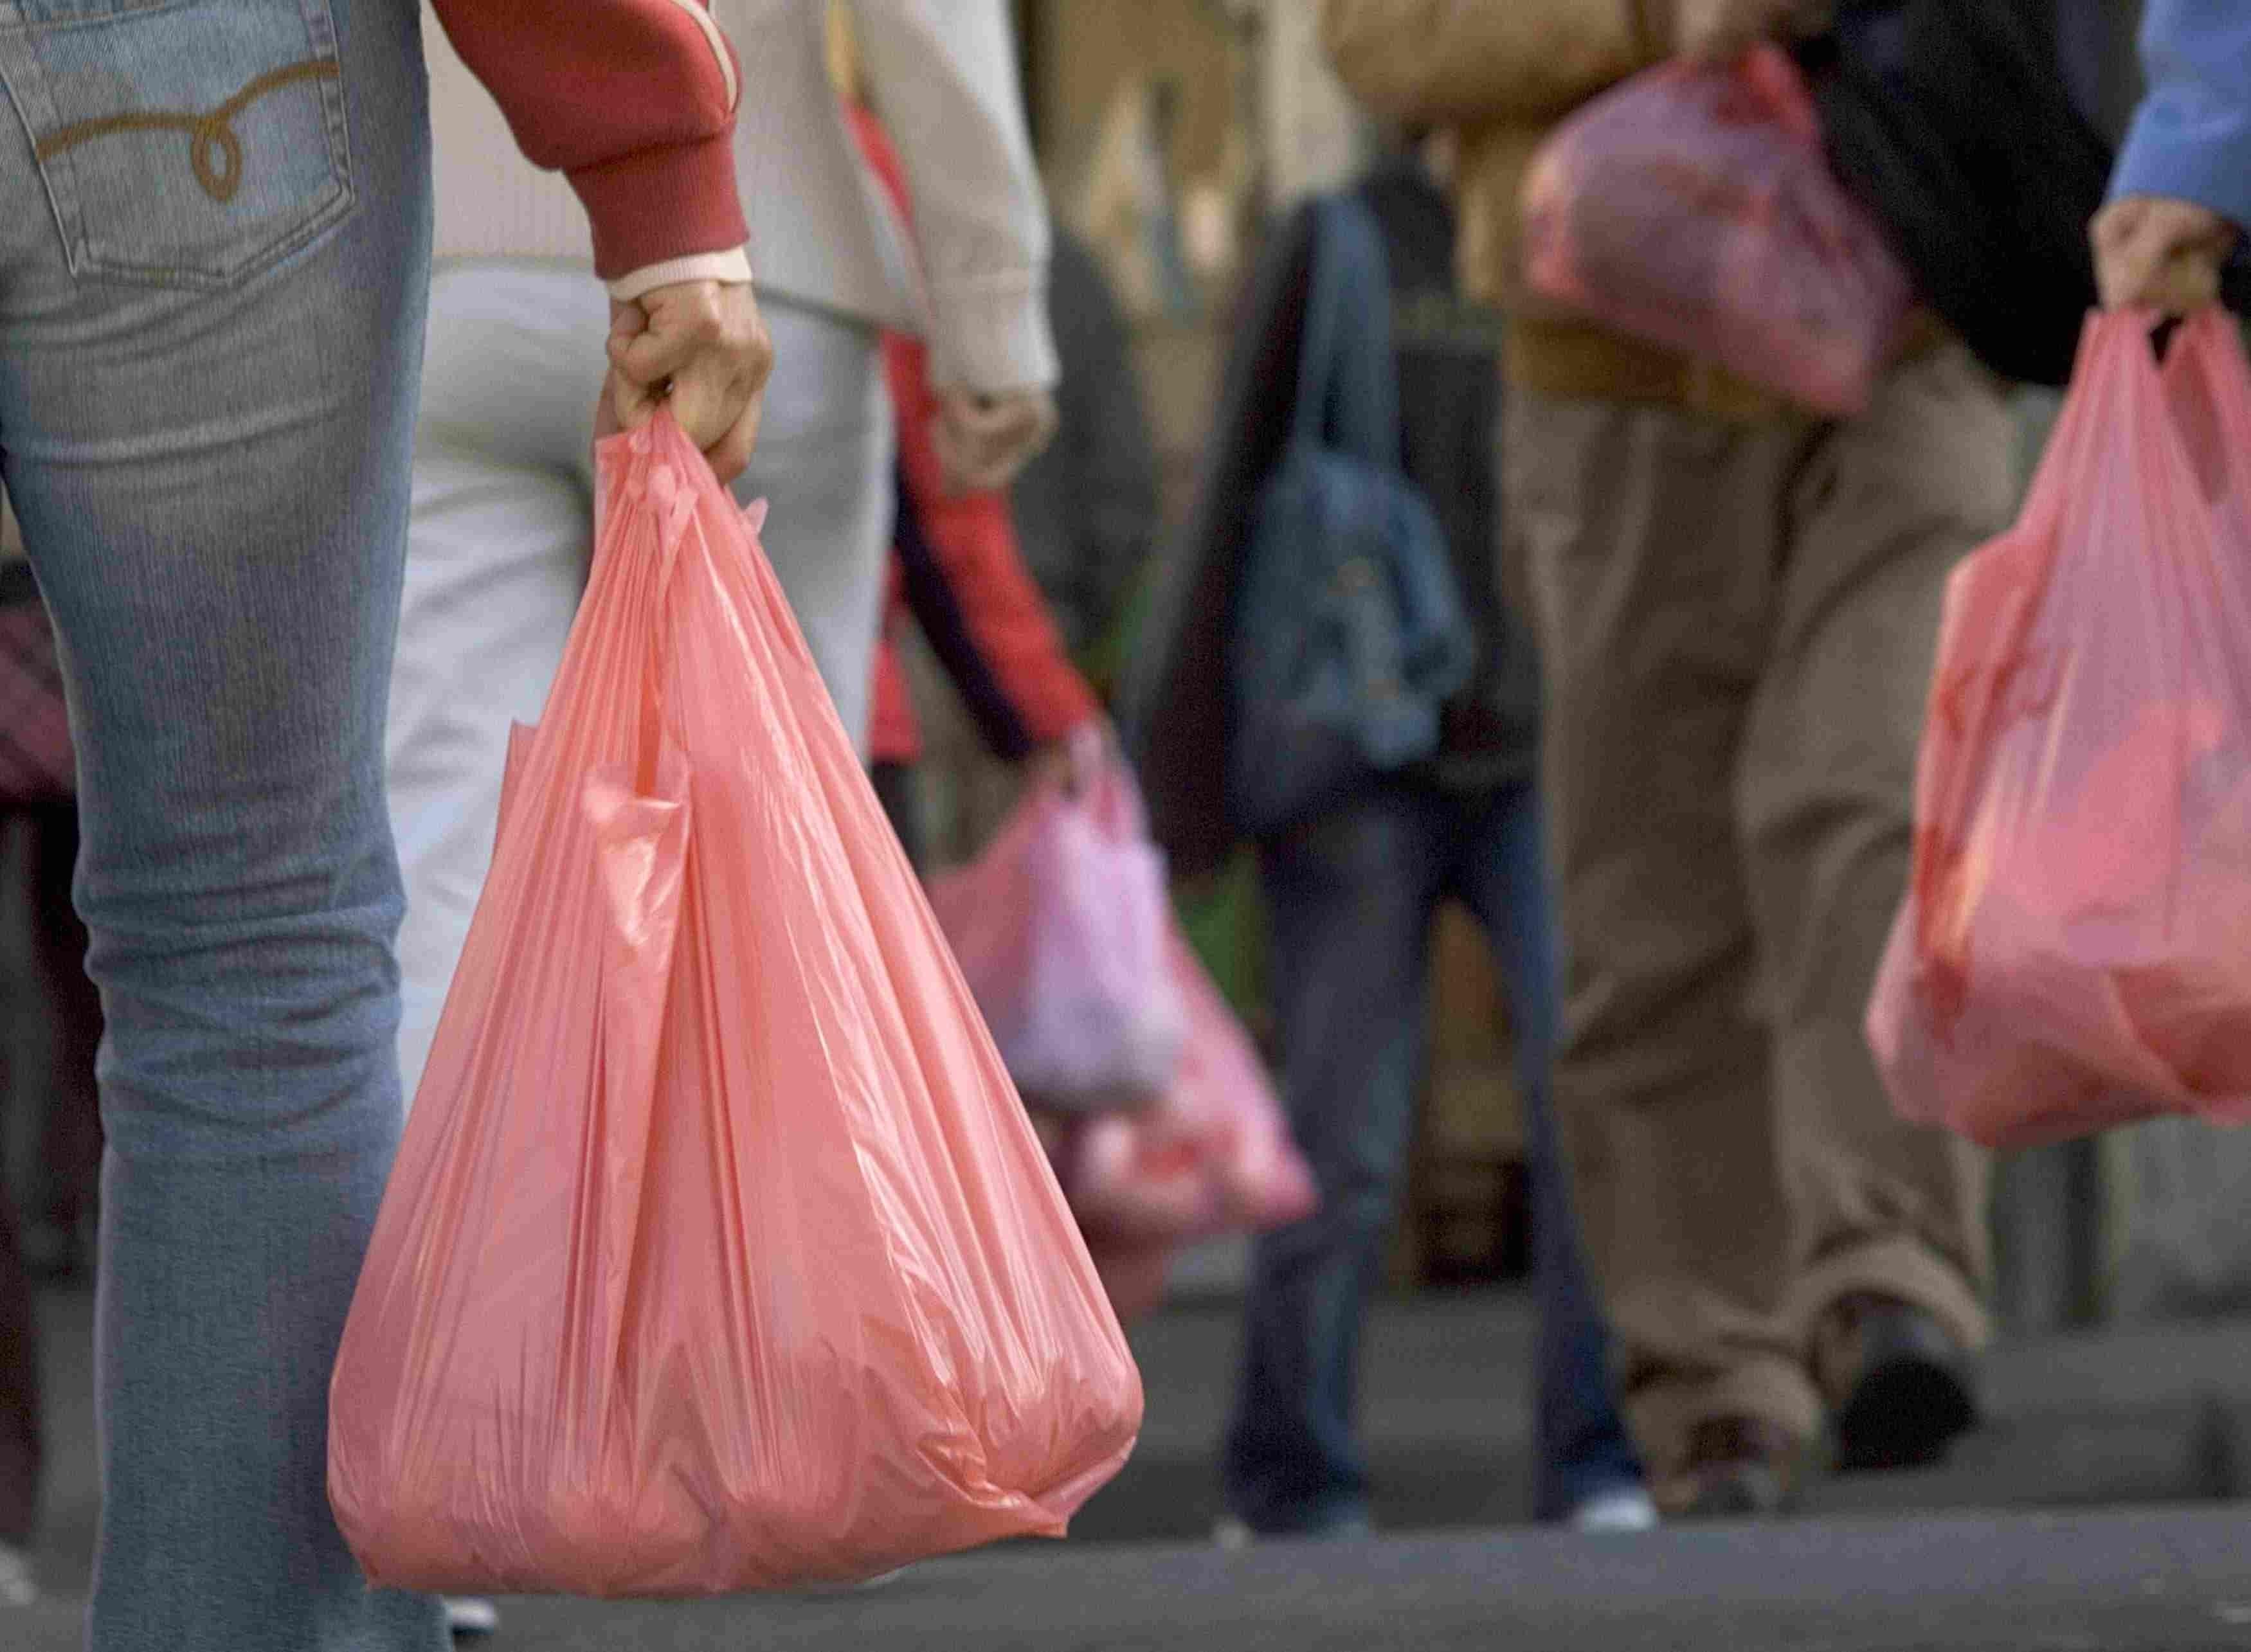 Interdicțiile utilizării unor produse din plastic. Ce probleme invocă antreprenorii